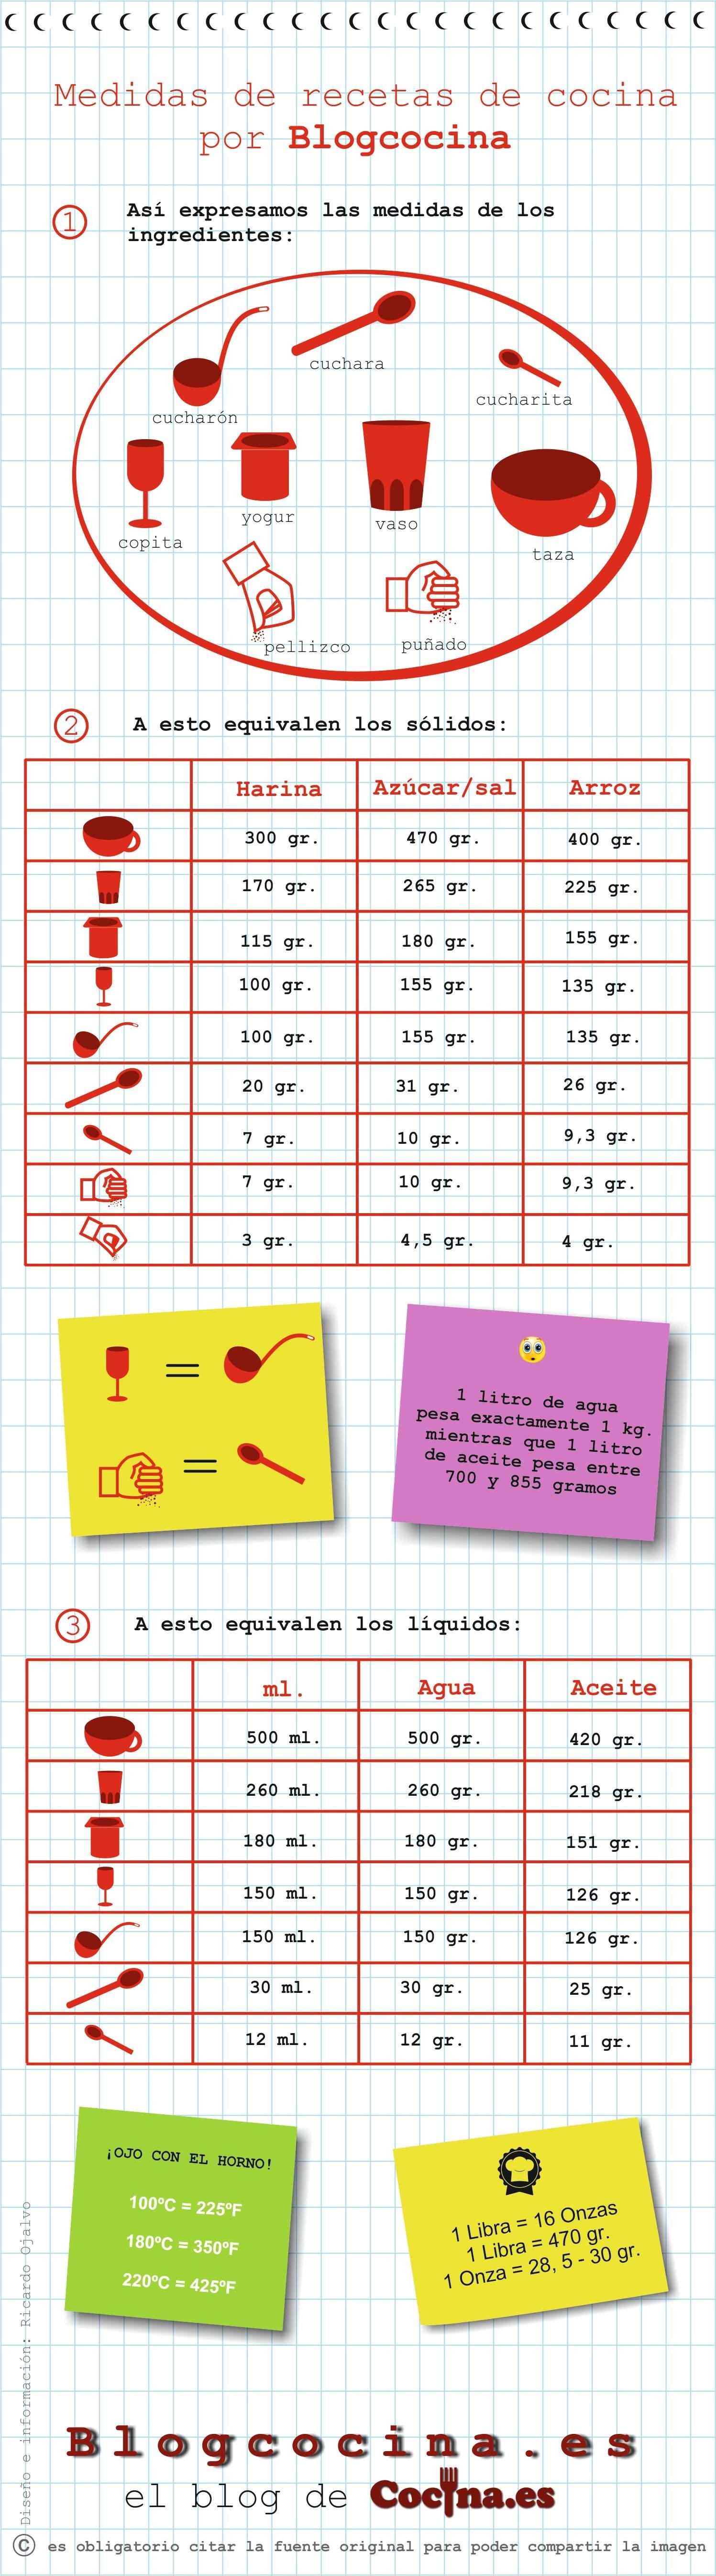 Tabla de equivalencias para cocina infograf a - Disenar mi propia cocina ...